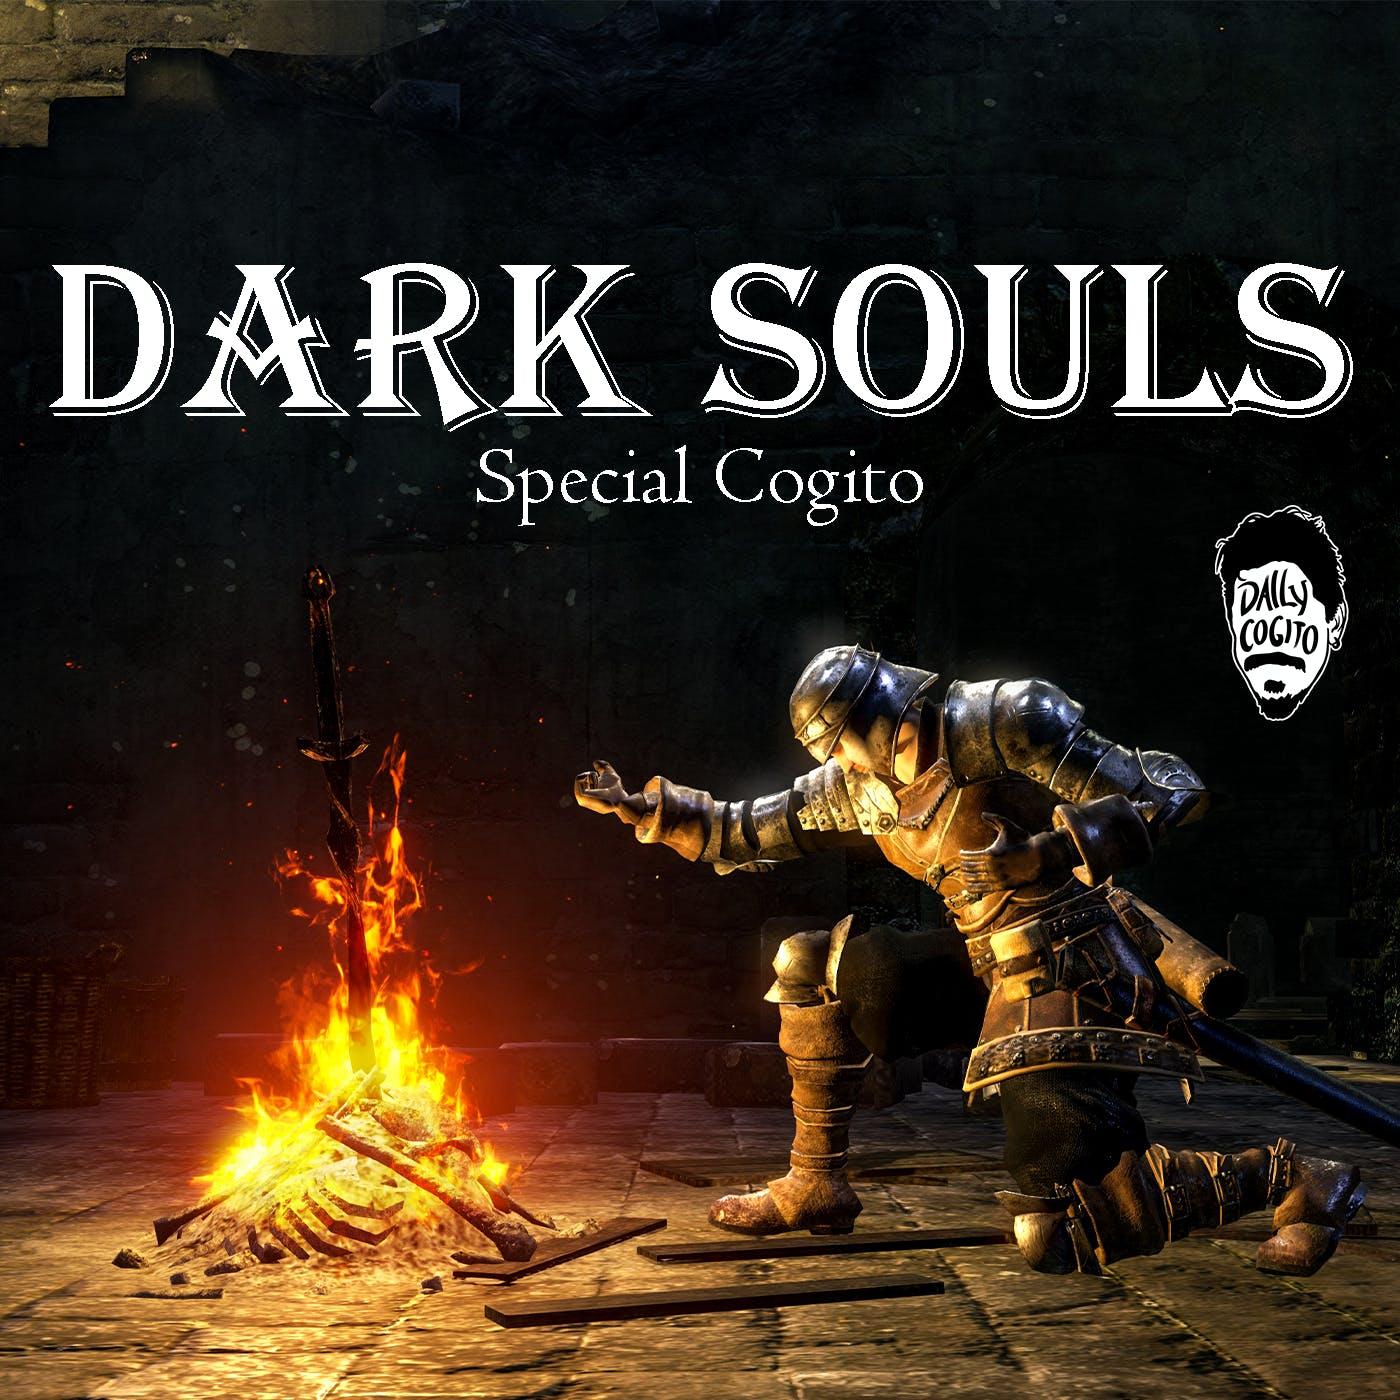 Il Fuoco, gli Dei e la Disparità: viaggio in Dark Souls - SPECIAL COGITO